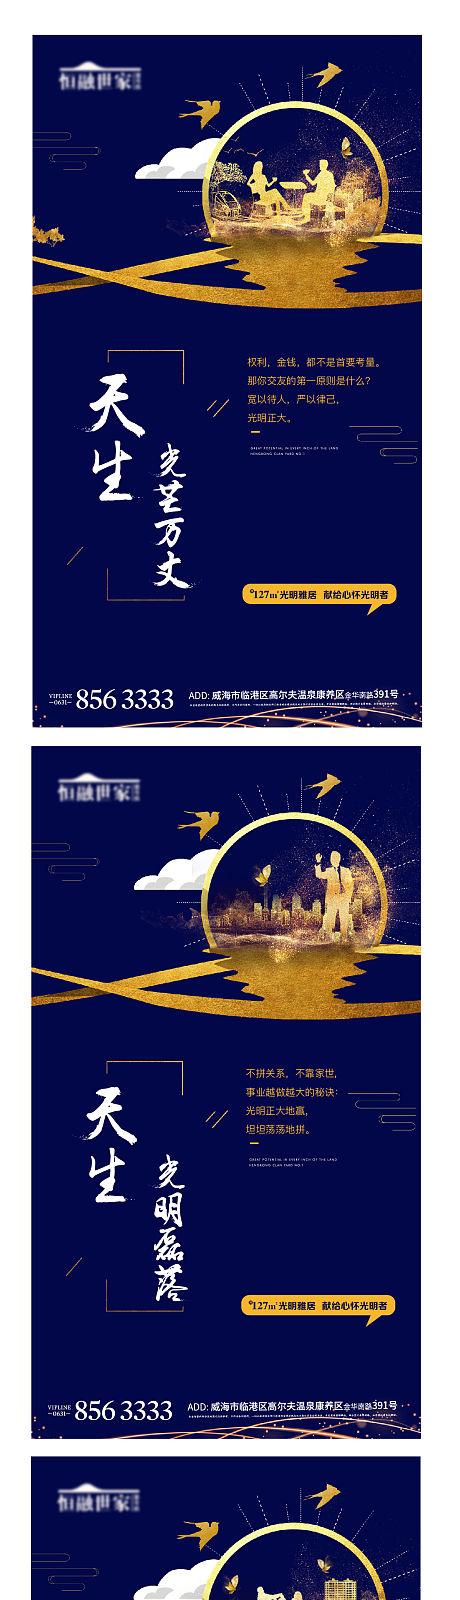 蓝色质感团圆剪影地产海报-源文件